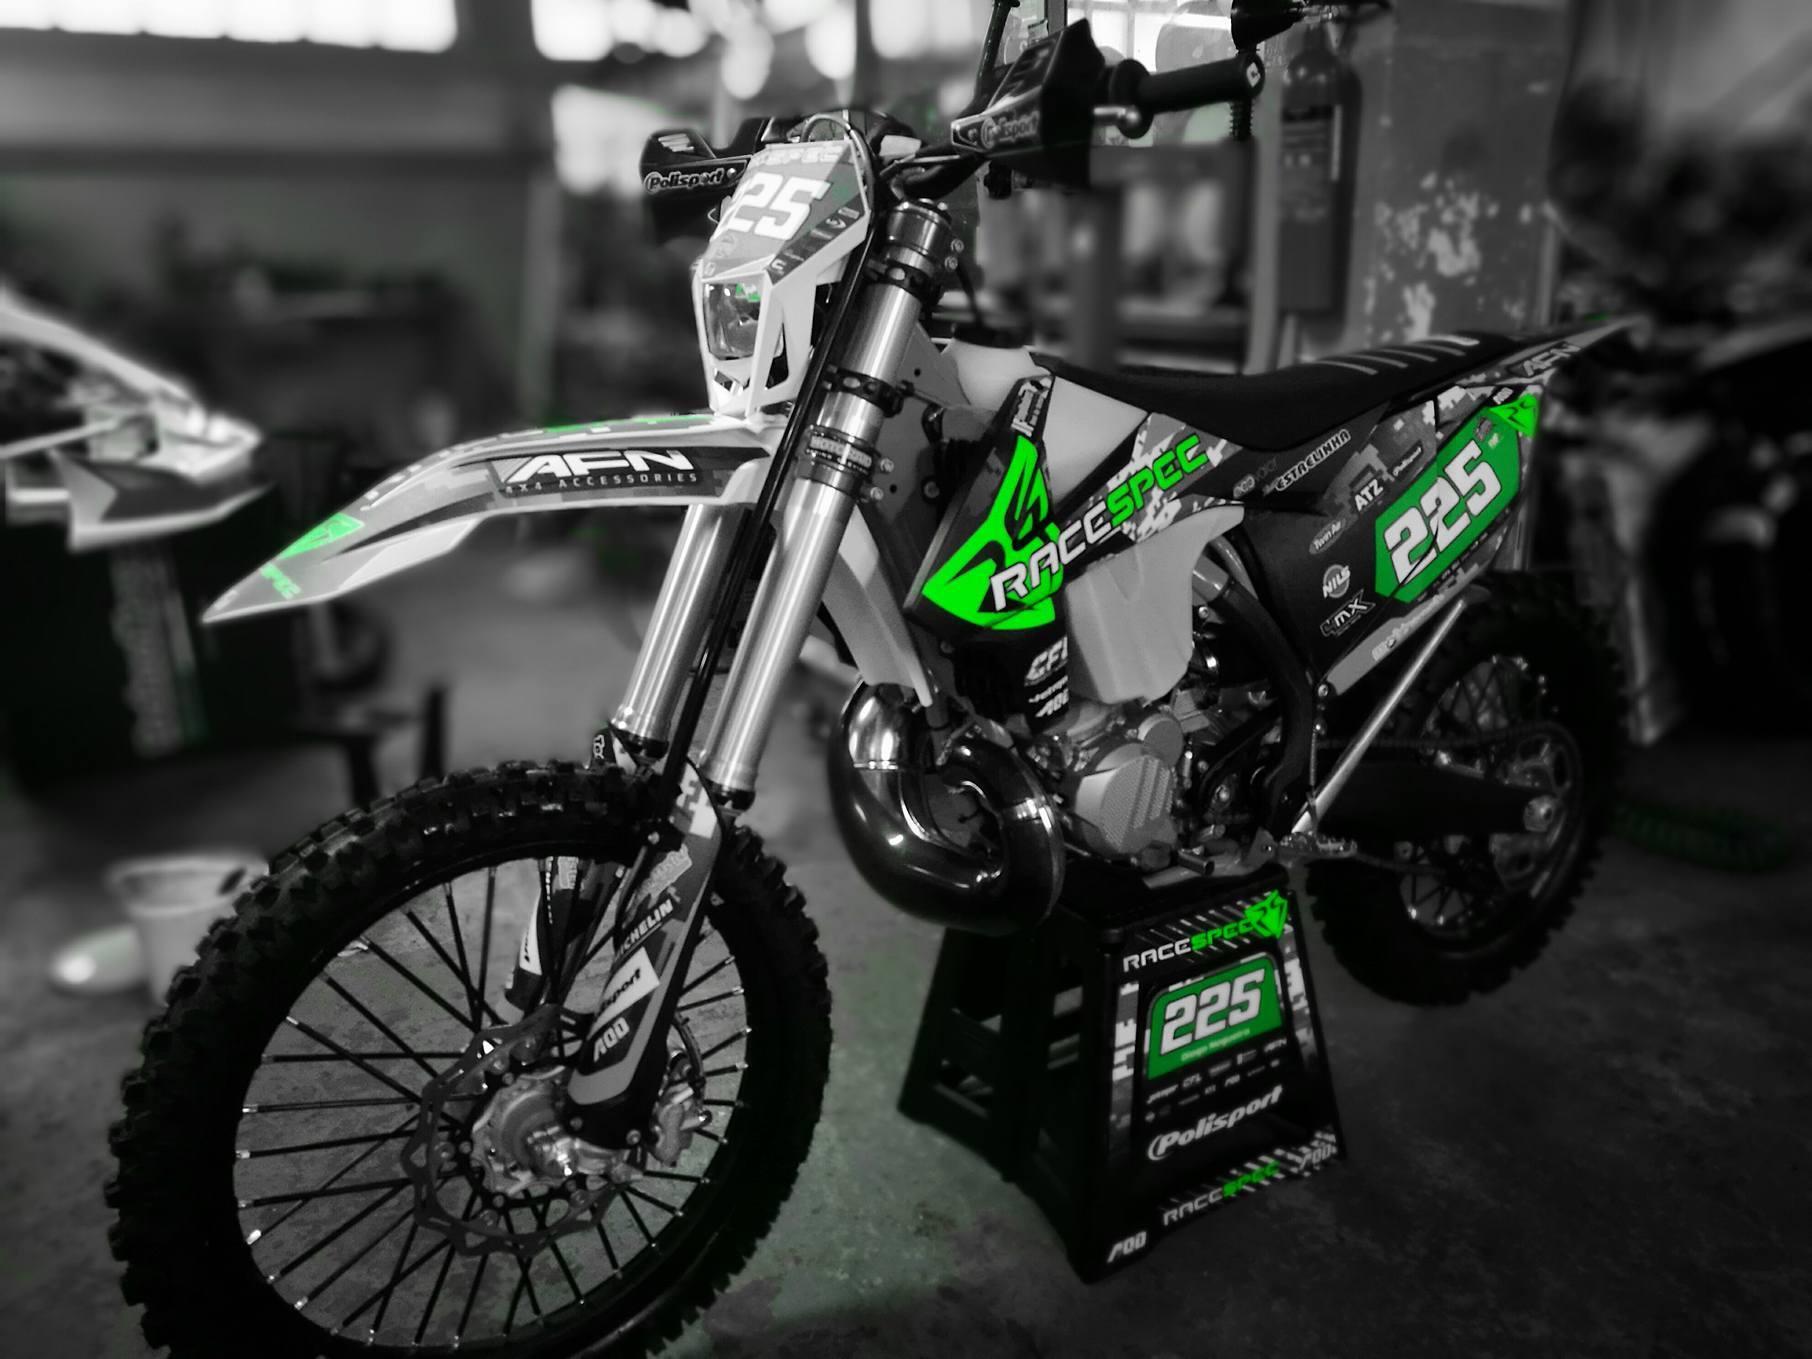 RACESPEC|KTM|CFL preparada para Góis